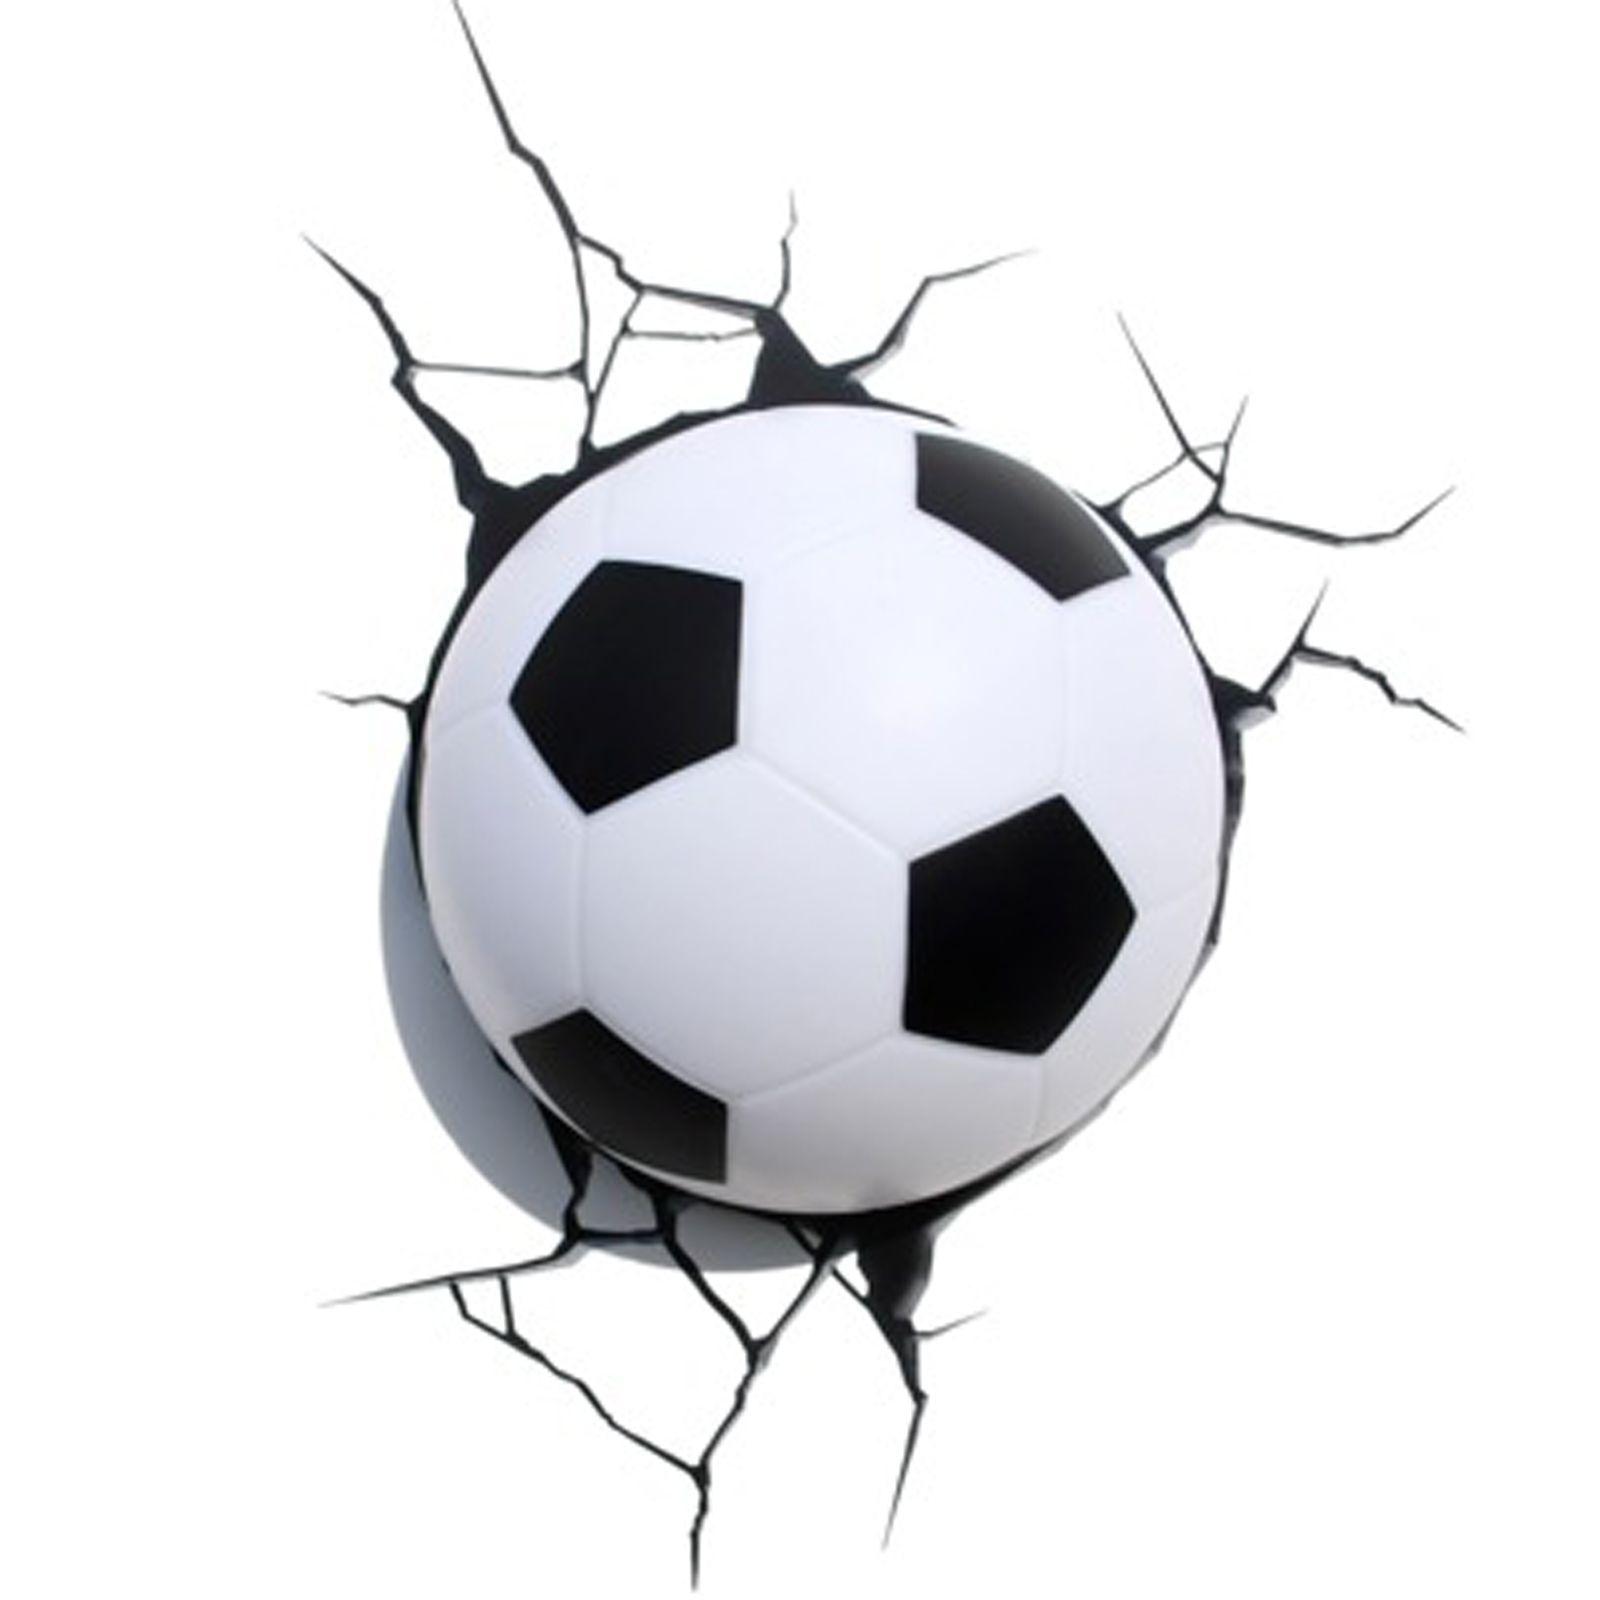 Soccer Ball Lamp Australia: FOOTBALL 3D BEDROOM LIGHT LAMP 3D EFFECT NEW SOCCER LED